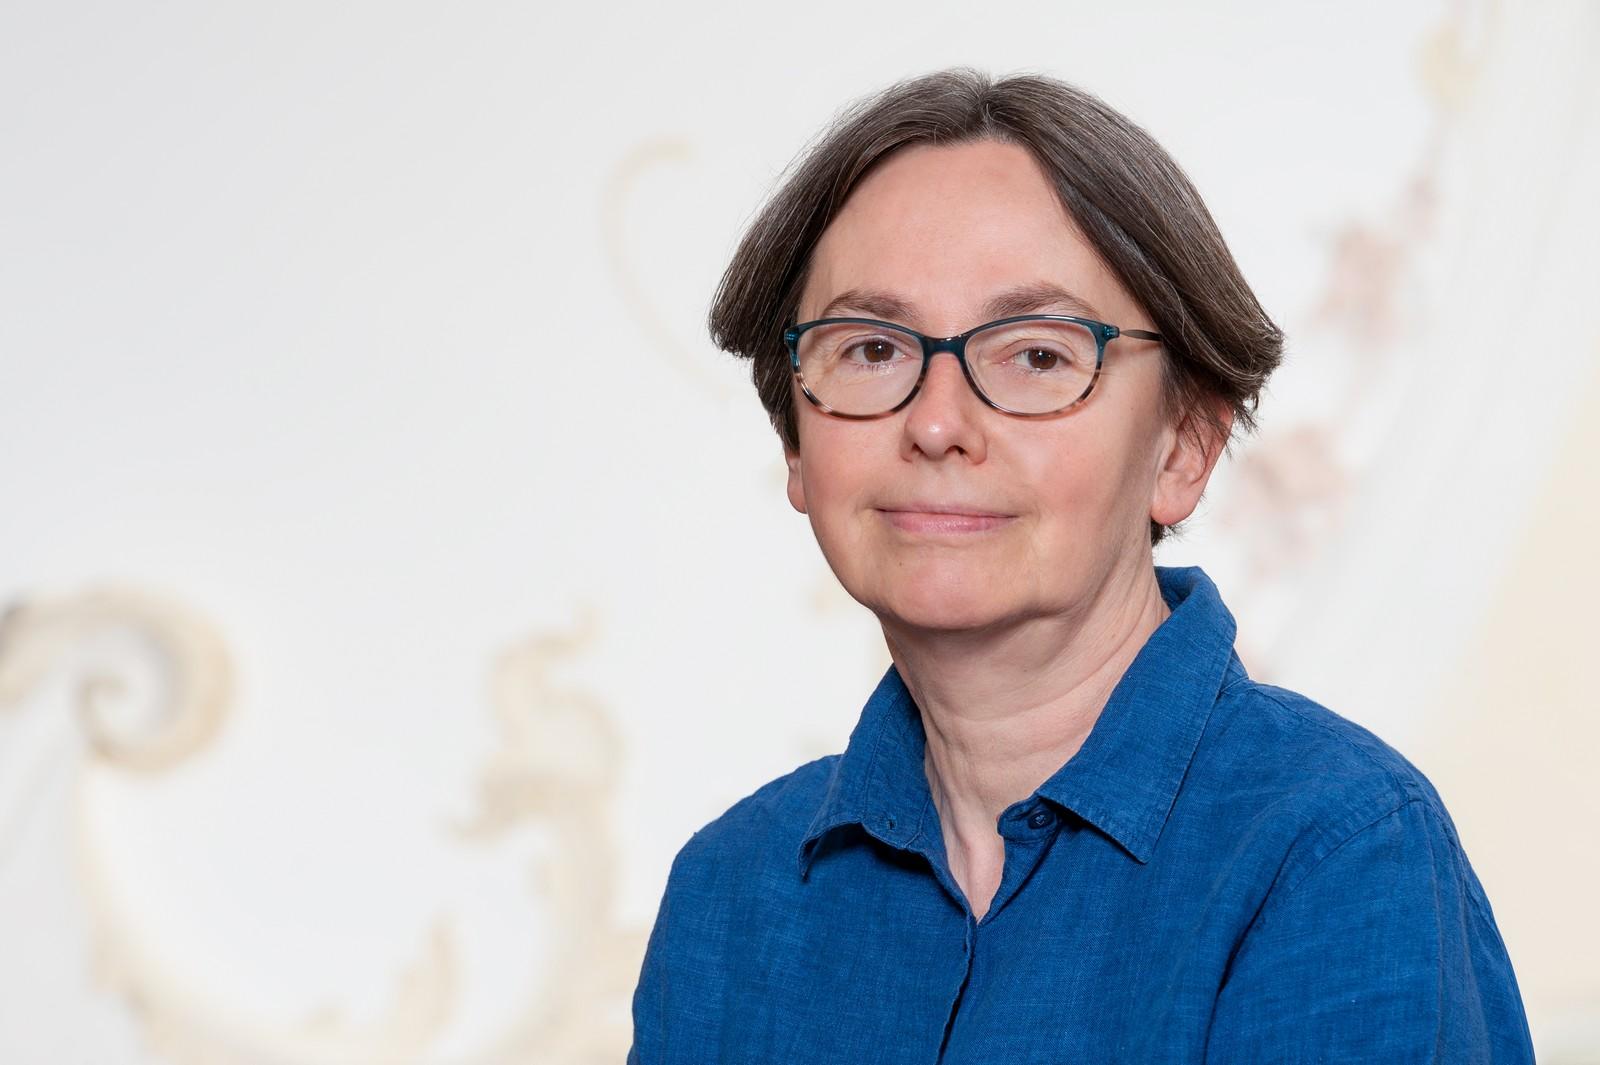 Nicola Siegloch